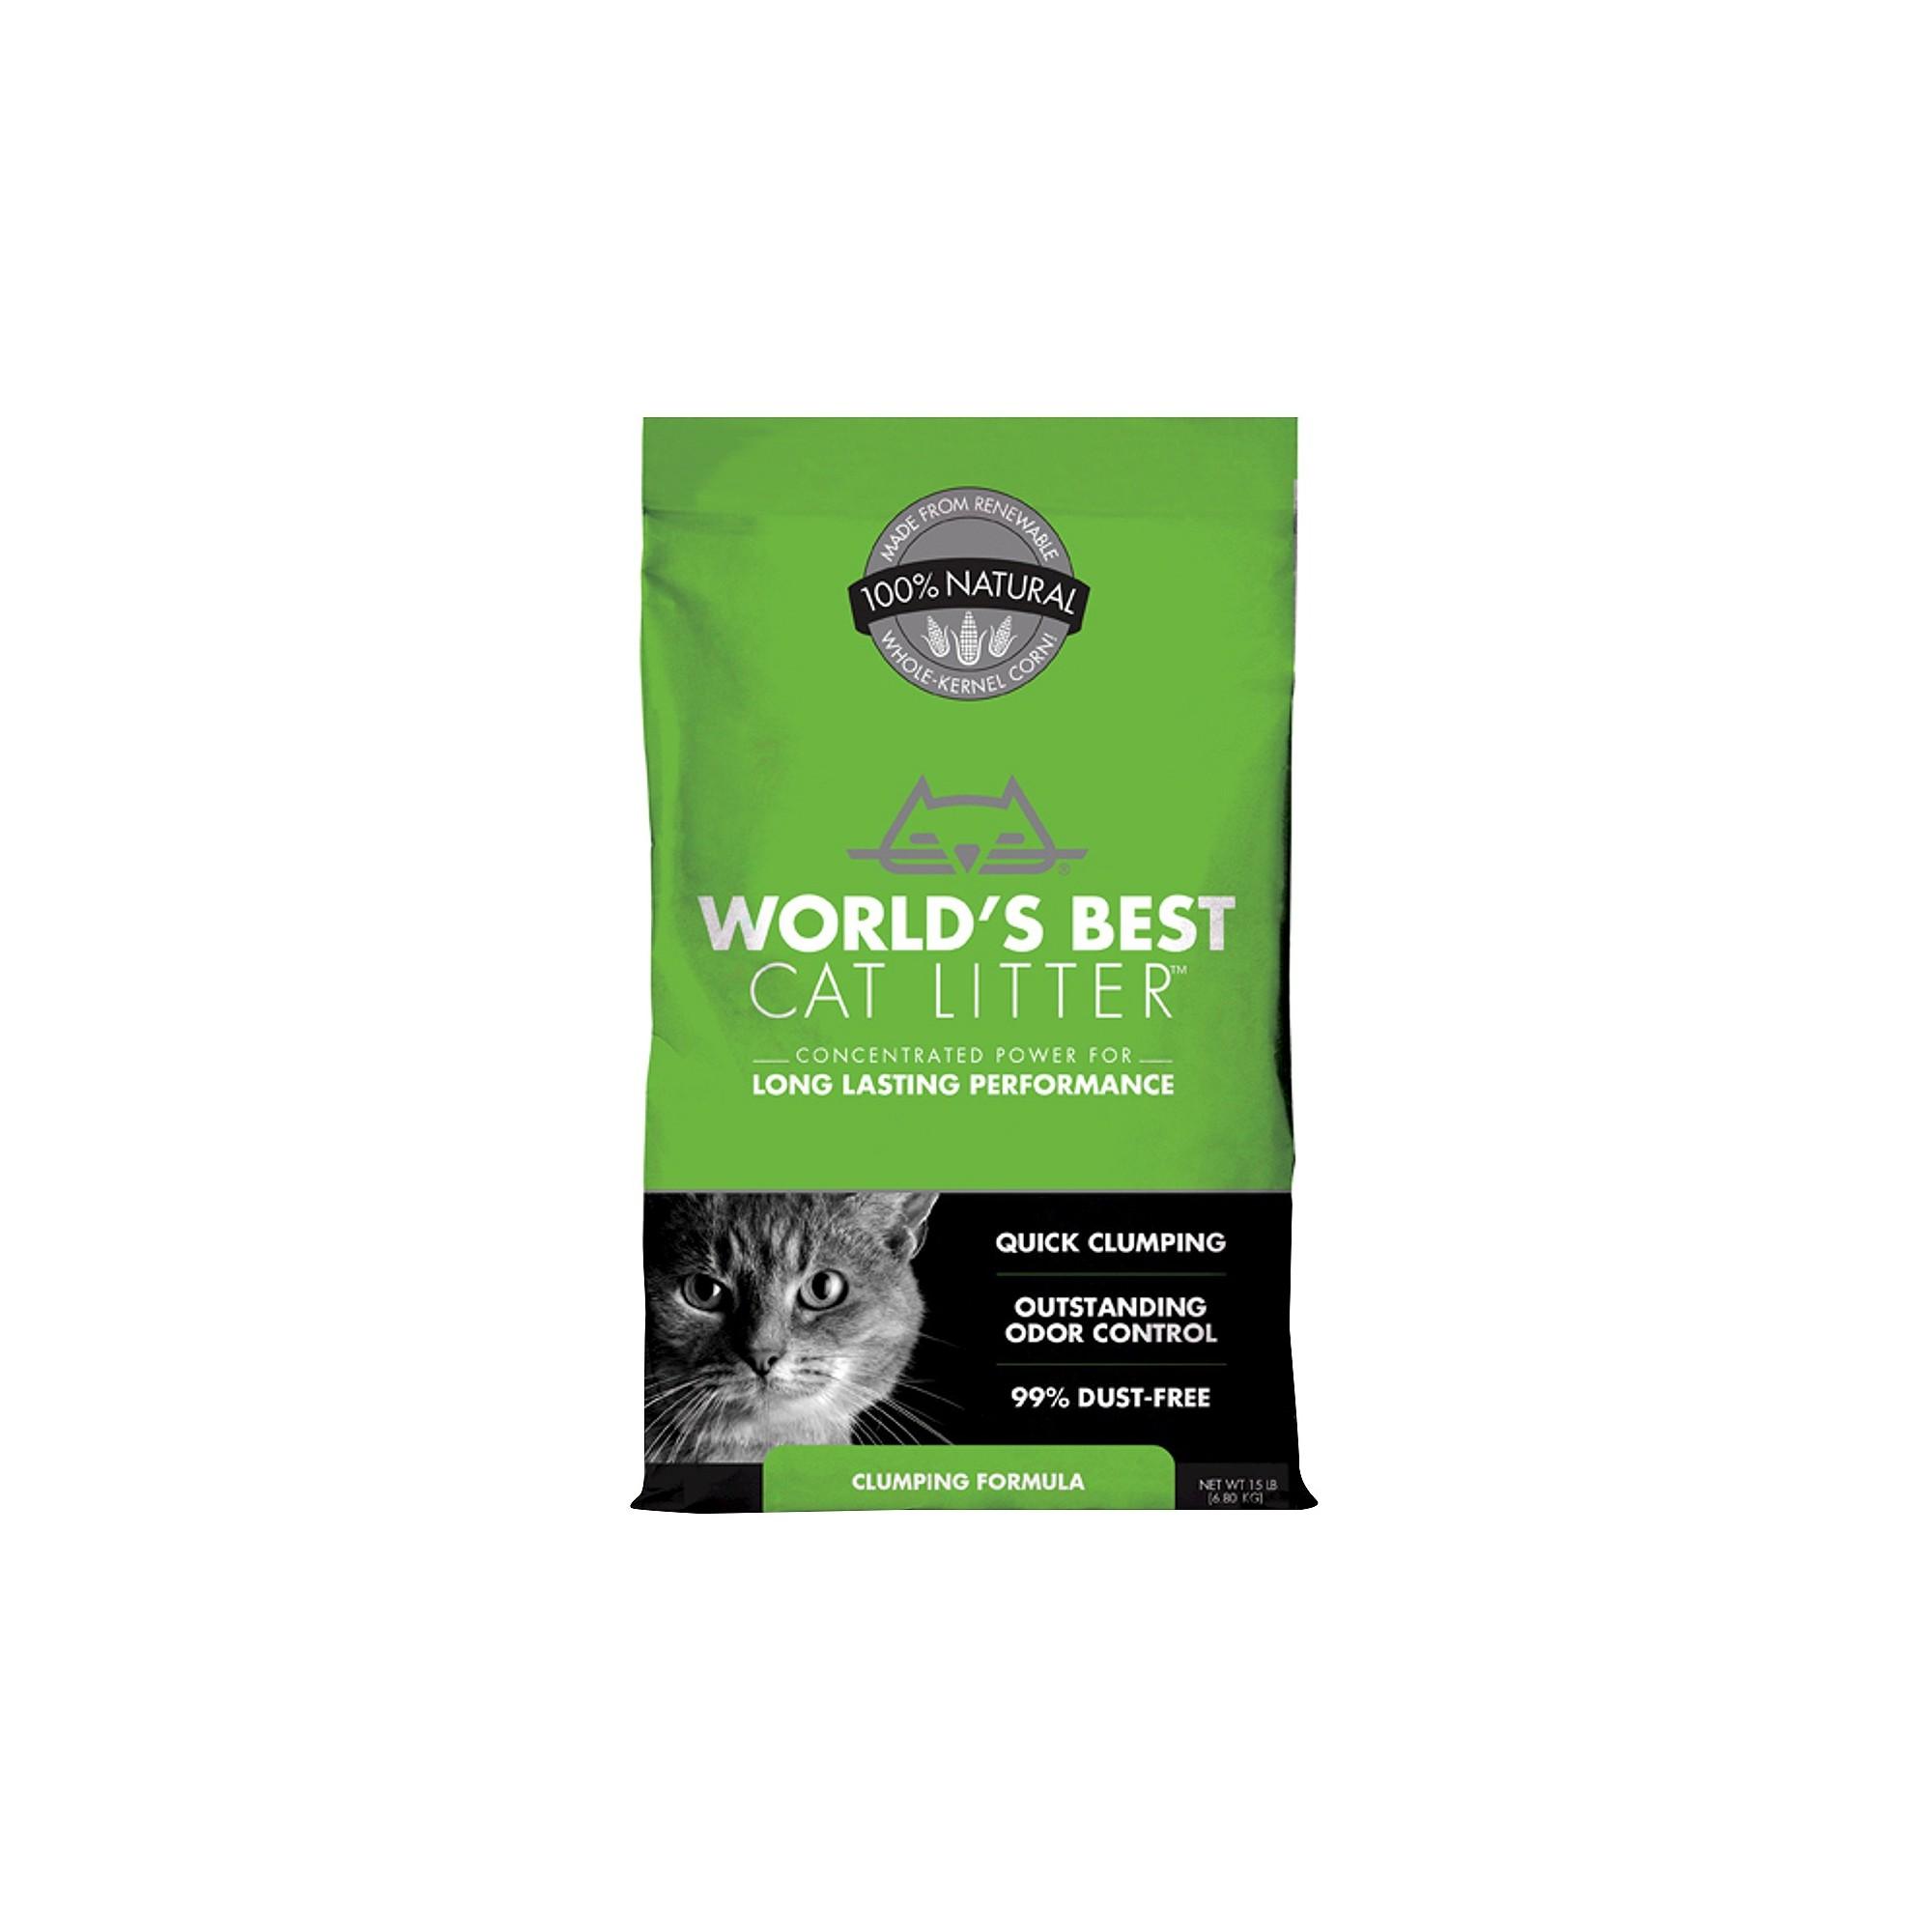 World's Best Cat Litter Clumping Cat Formula 15lbs